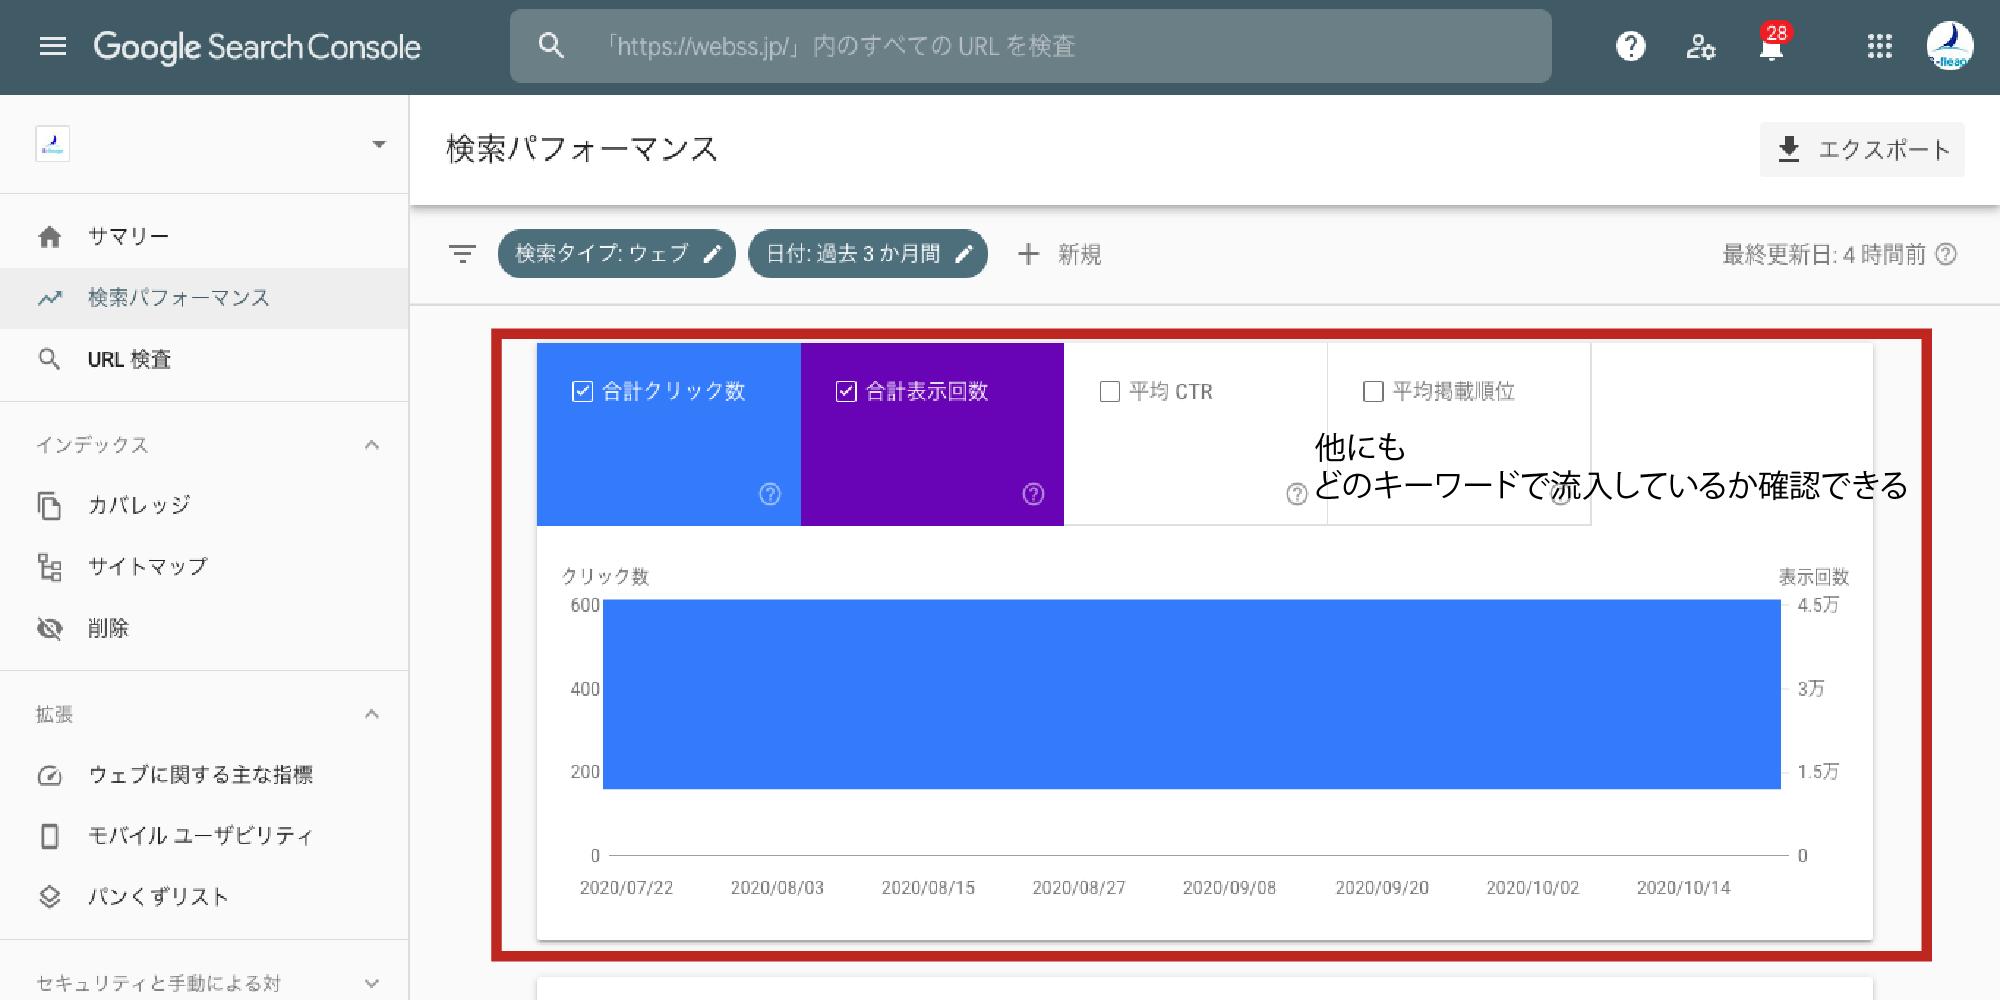 サーチコンソール_使い方_検索パフォーマンス